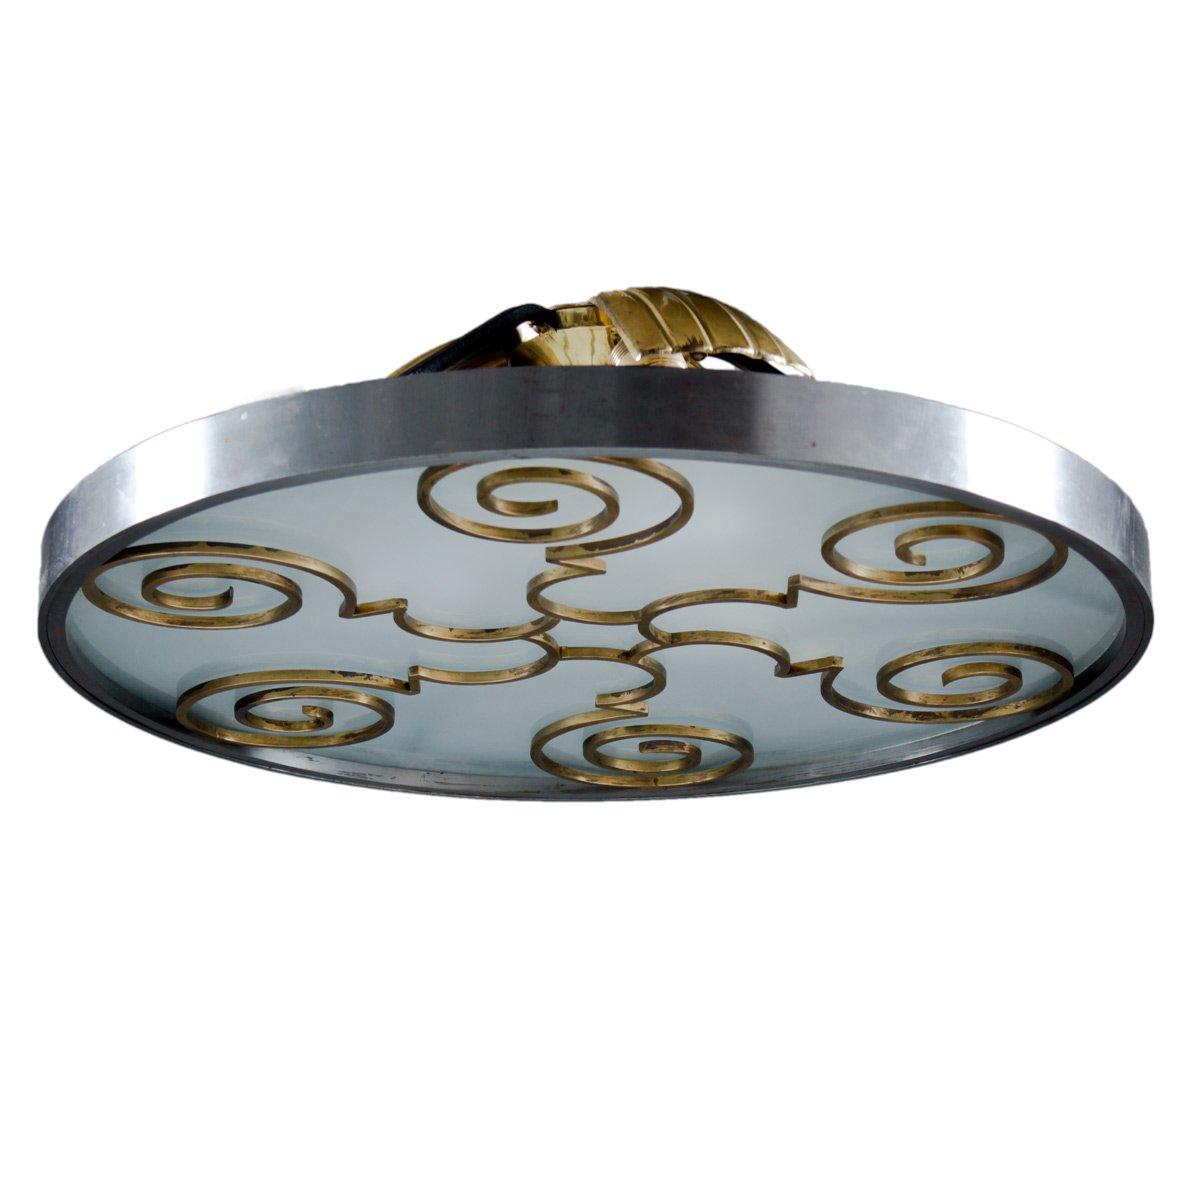 Vintage swedish grace flush mount chandelier by lars holmstrm for vintage swedish grace flush mount chandelier by lars holmstrm mozeypictures Choice Image